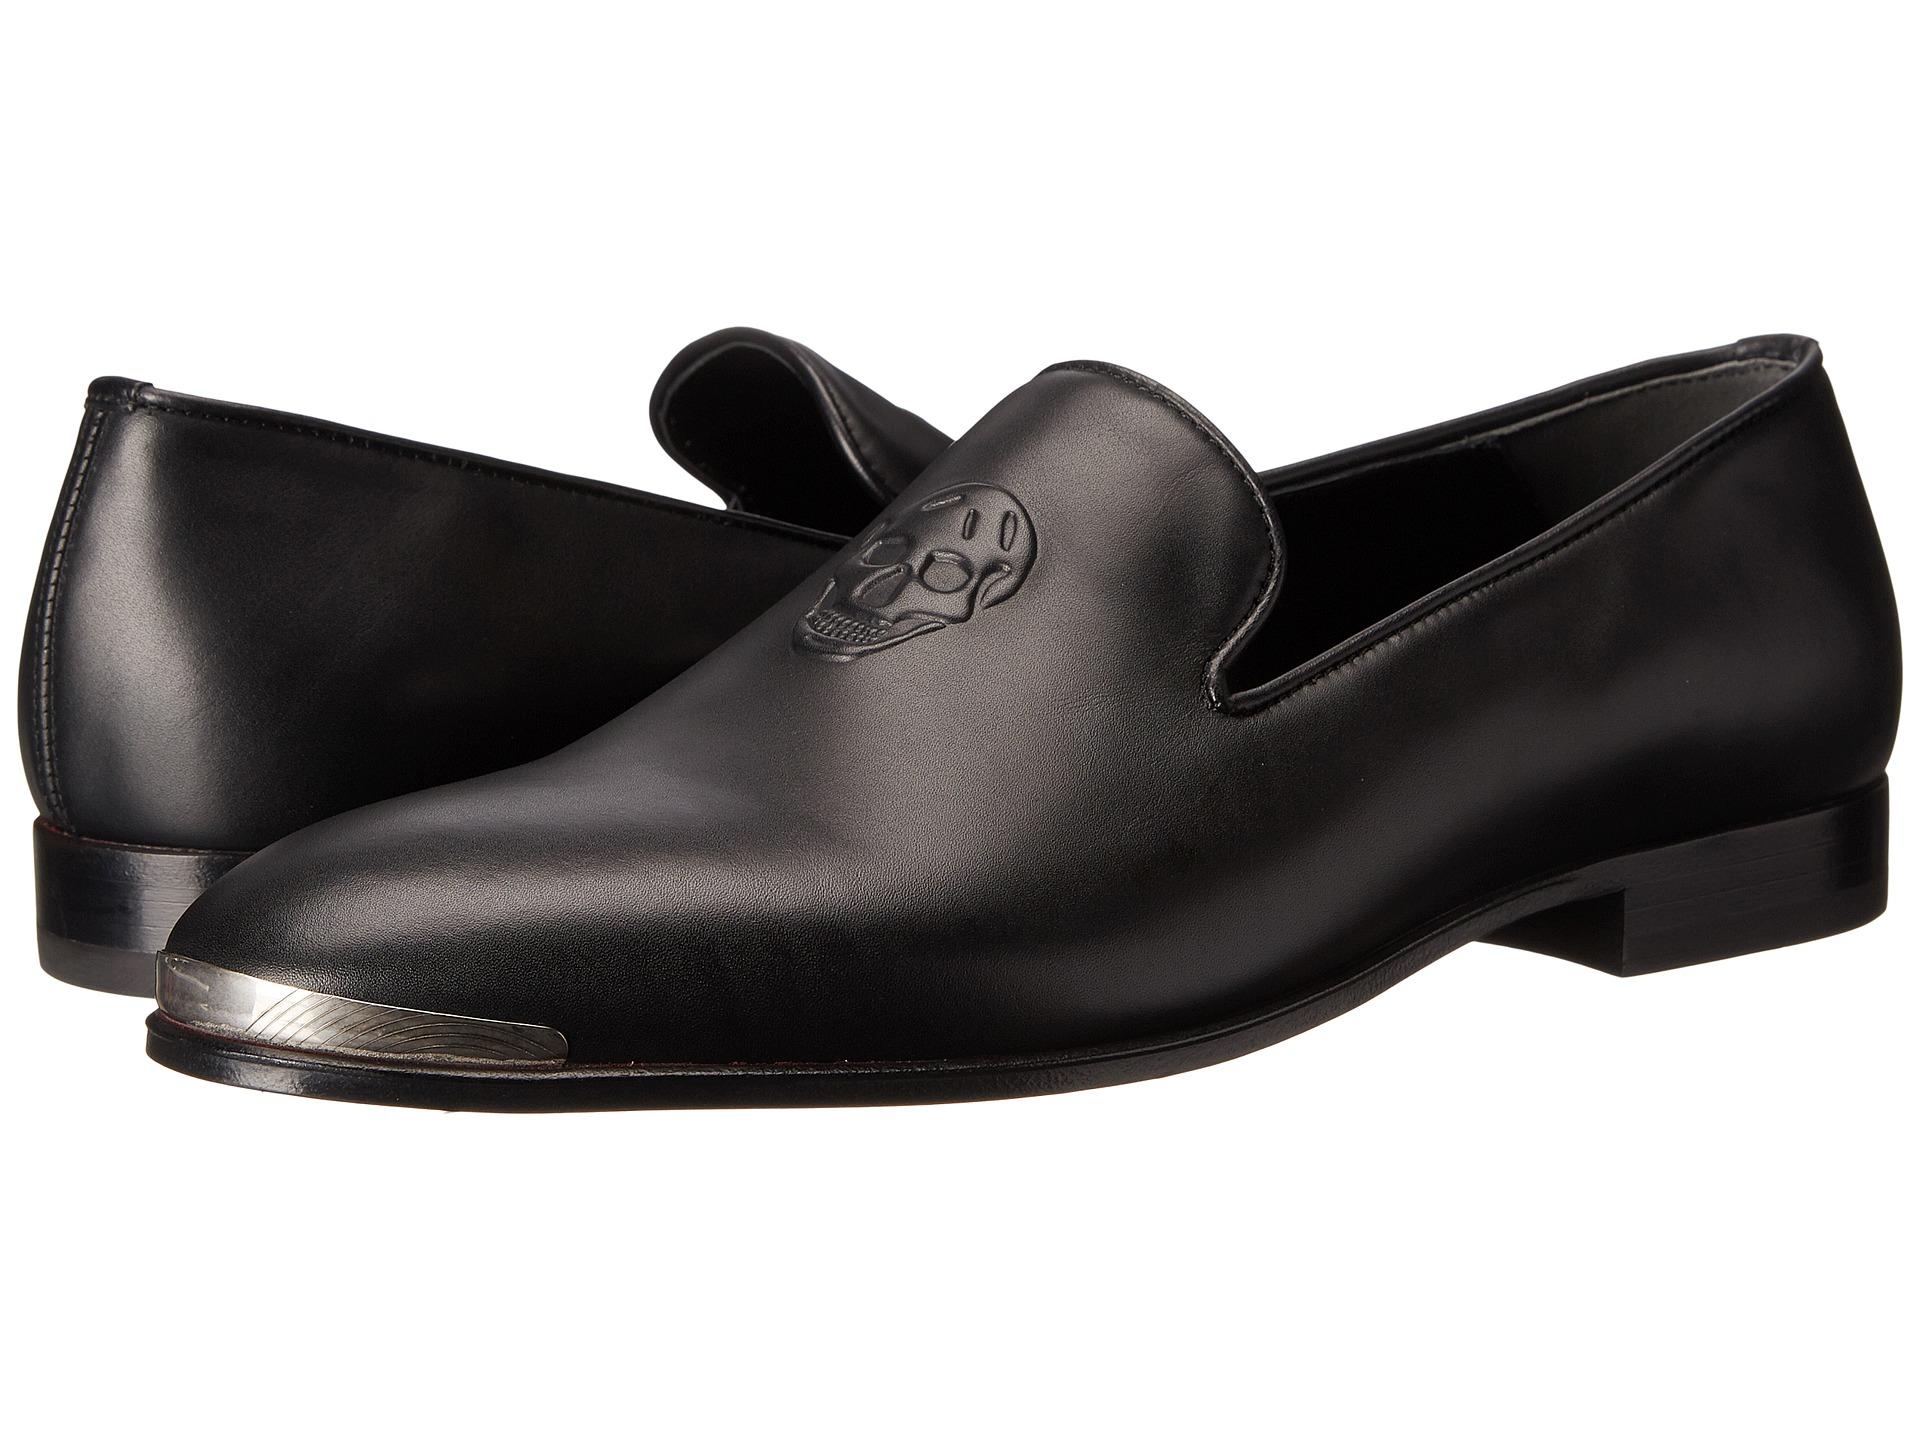 e1fefa8ea88b2 Alexander McQueen Embossed Skull Loafer W/ Metal Cap in Black for ...